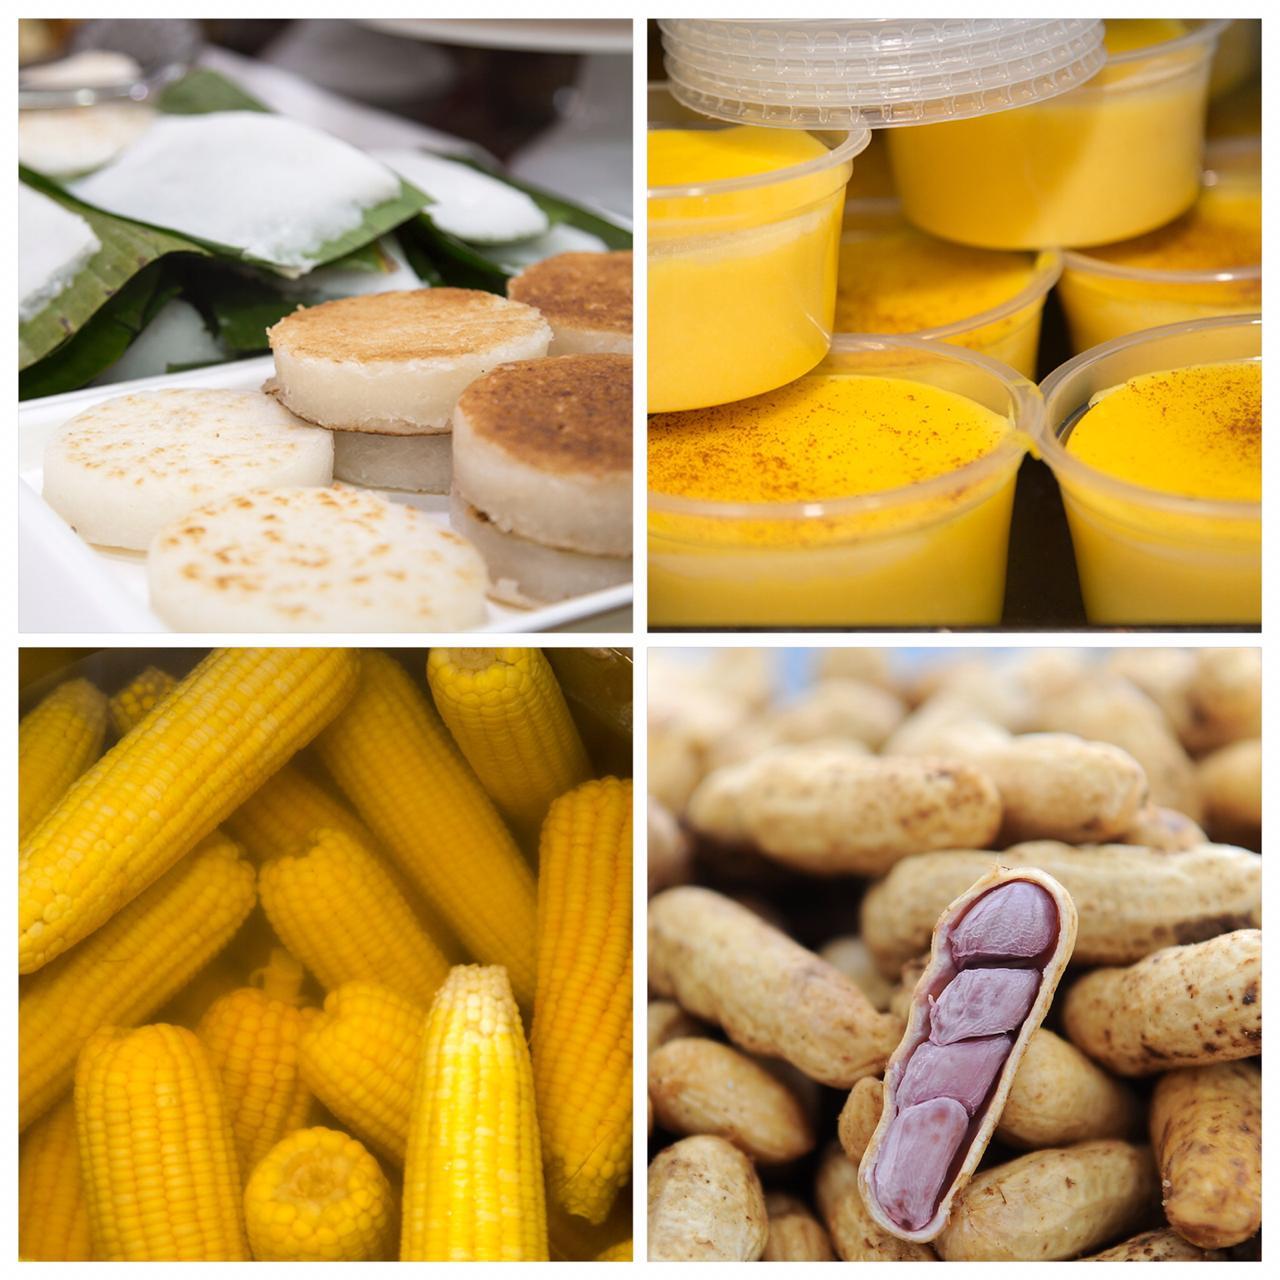 foto_comidas.jpg